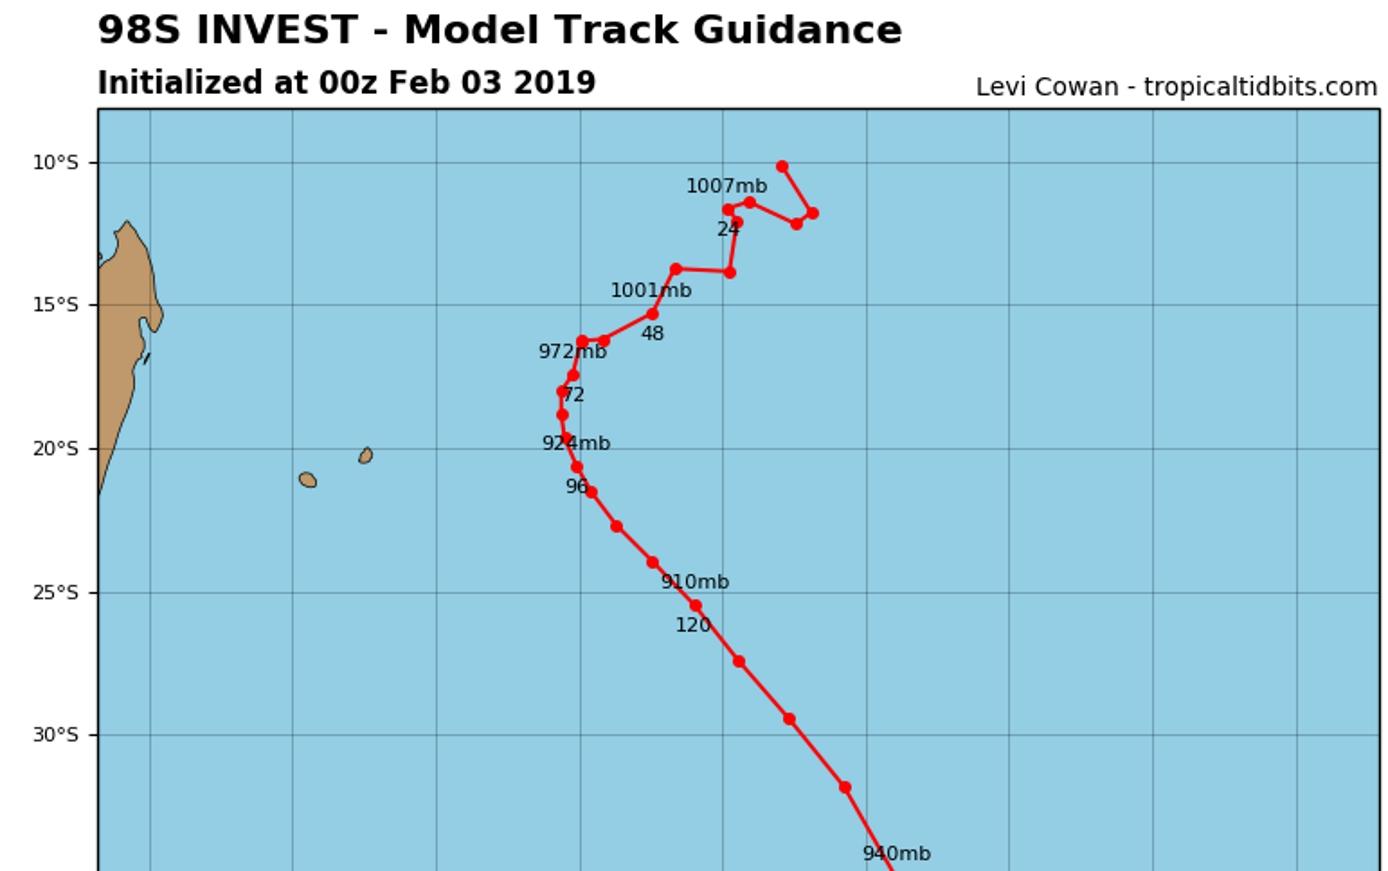 Simualtion du modèle GFS(américain) avec un passage à environ 100km à l'est de Rodrigues dans la nuit de Mercredi à Jeudi. Tendance à envisager mais qui ne doit pas être prise pour argent comptant.